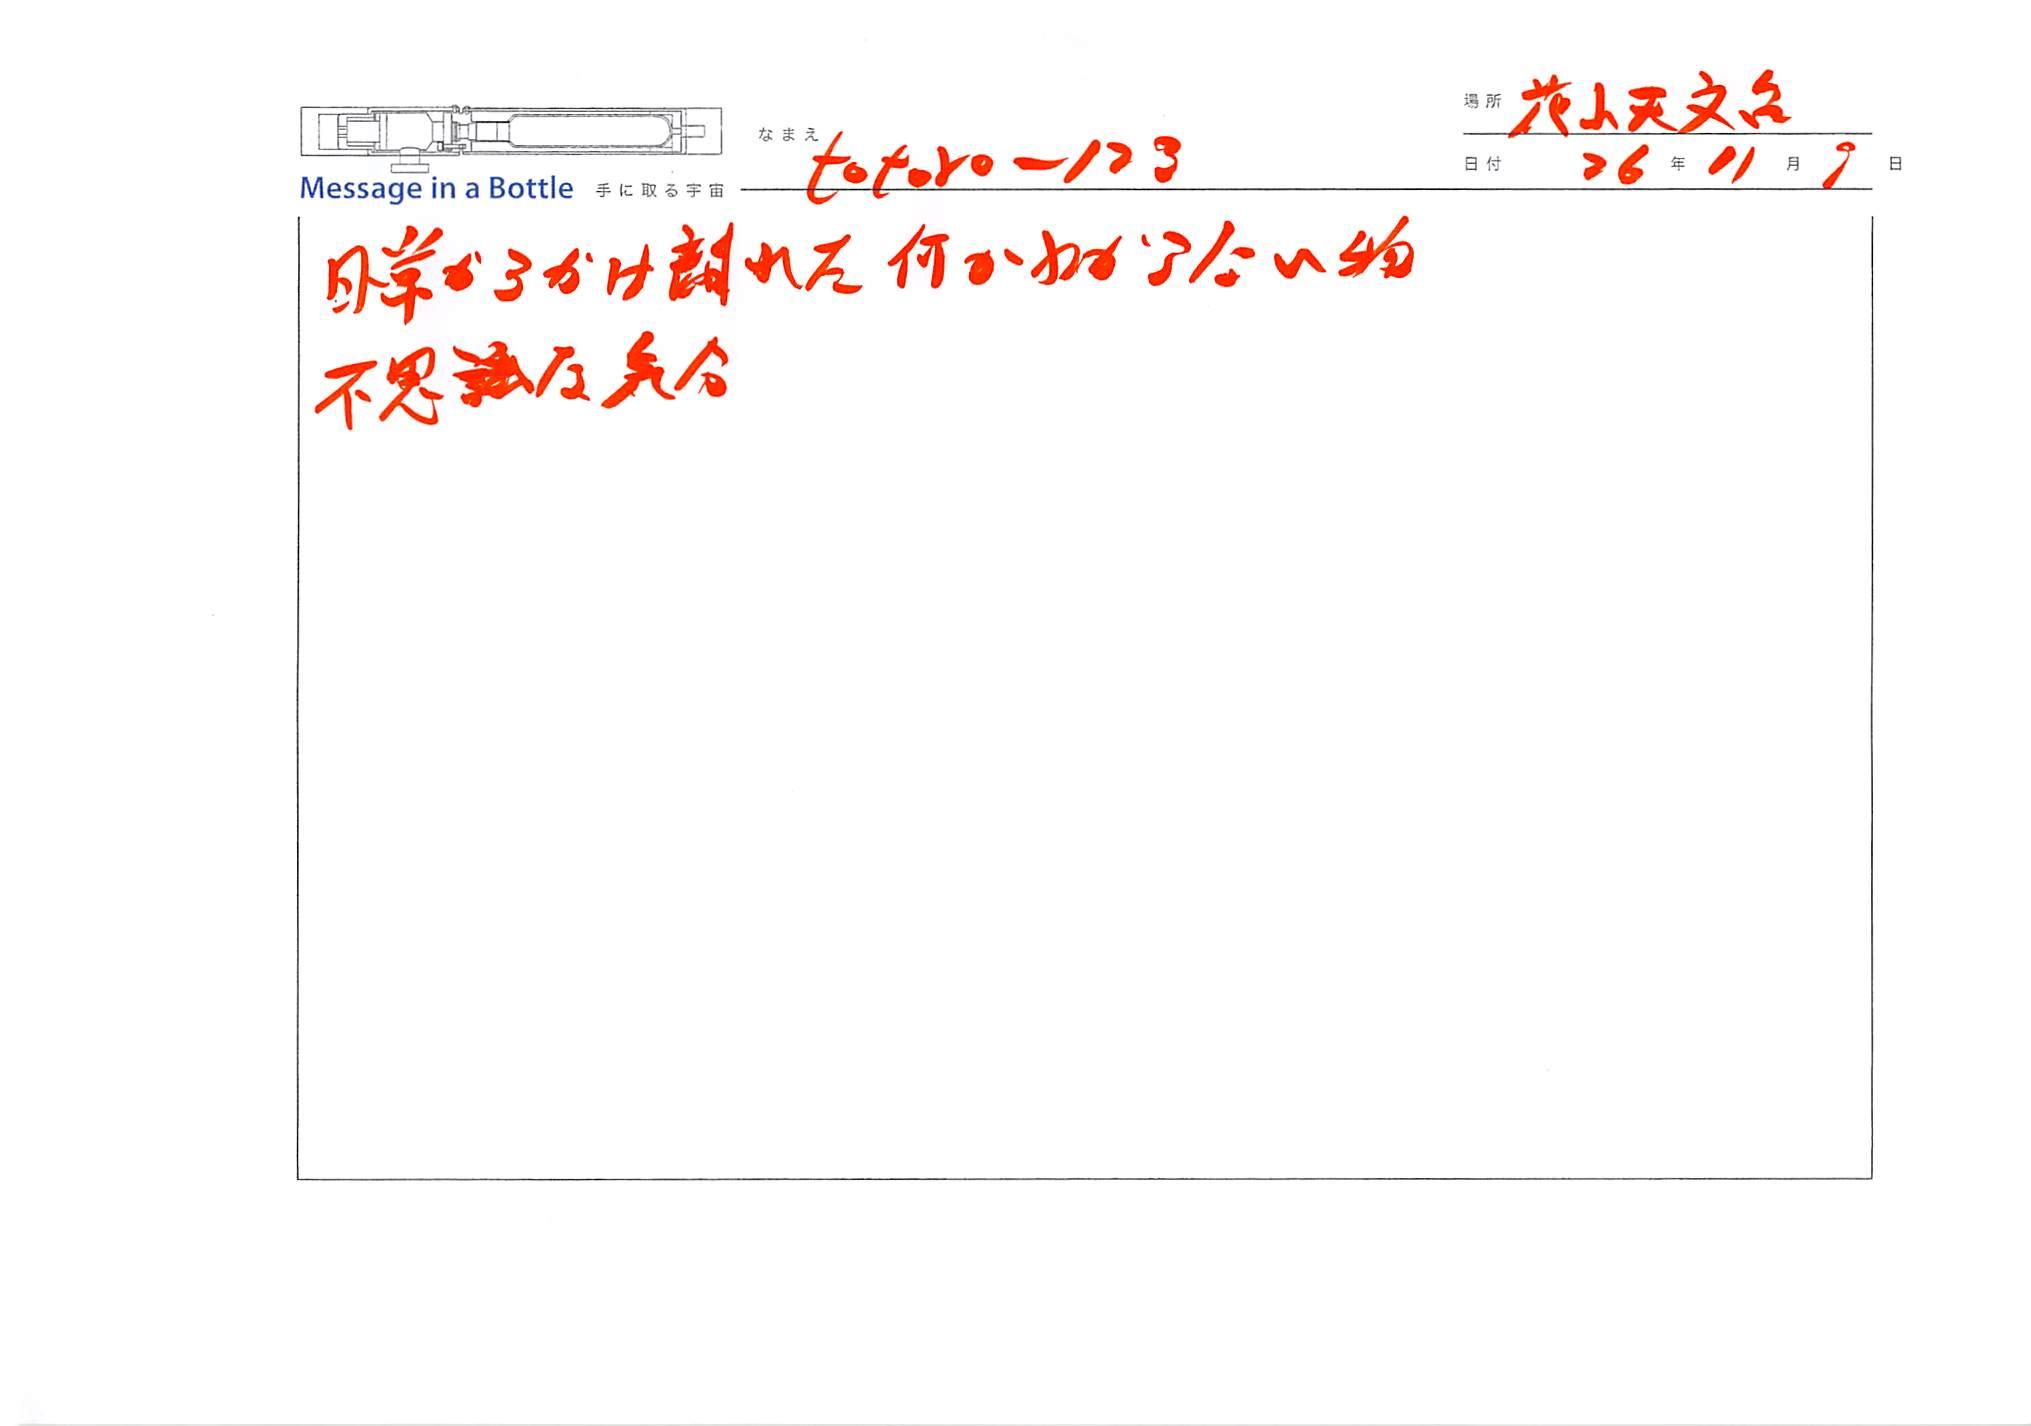 2014-11-09-14-39-27.jpg